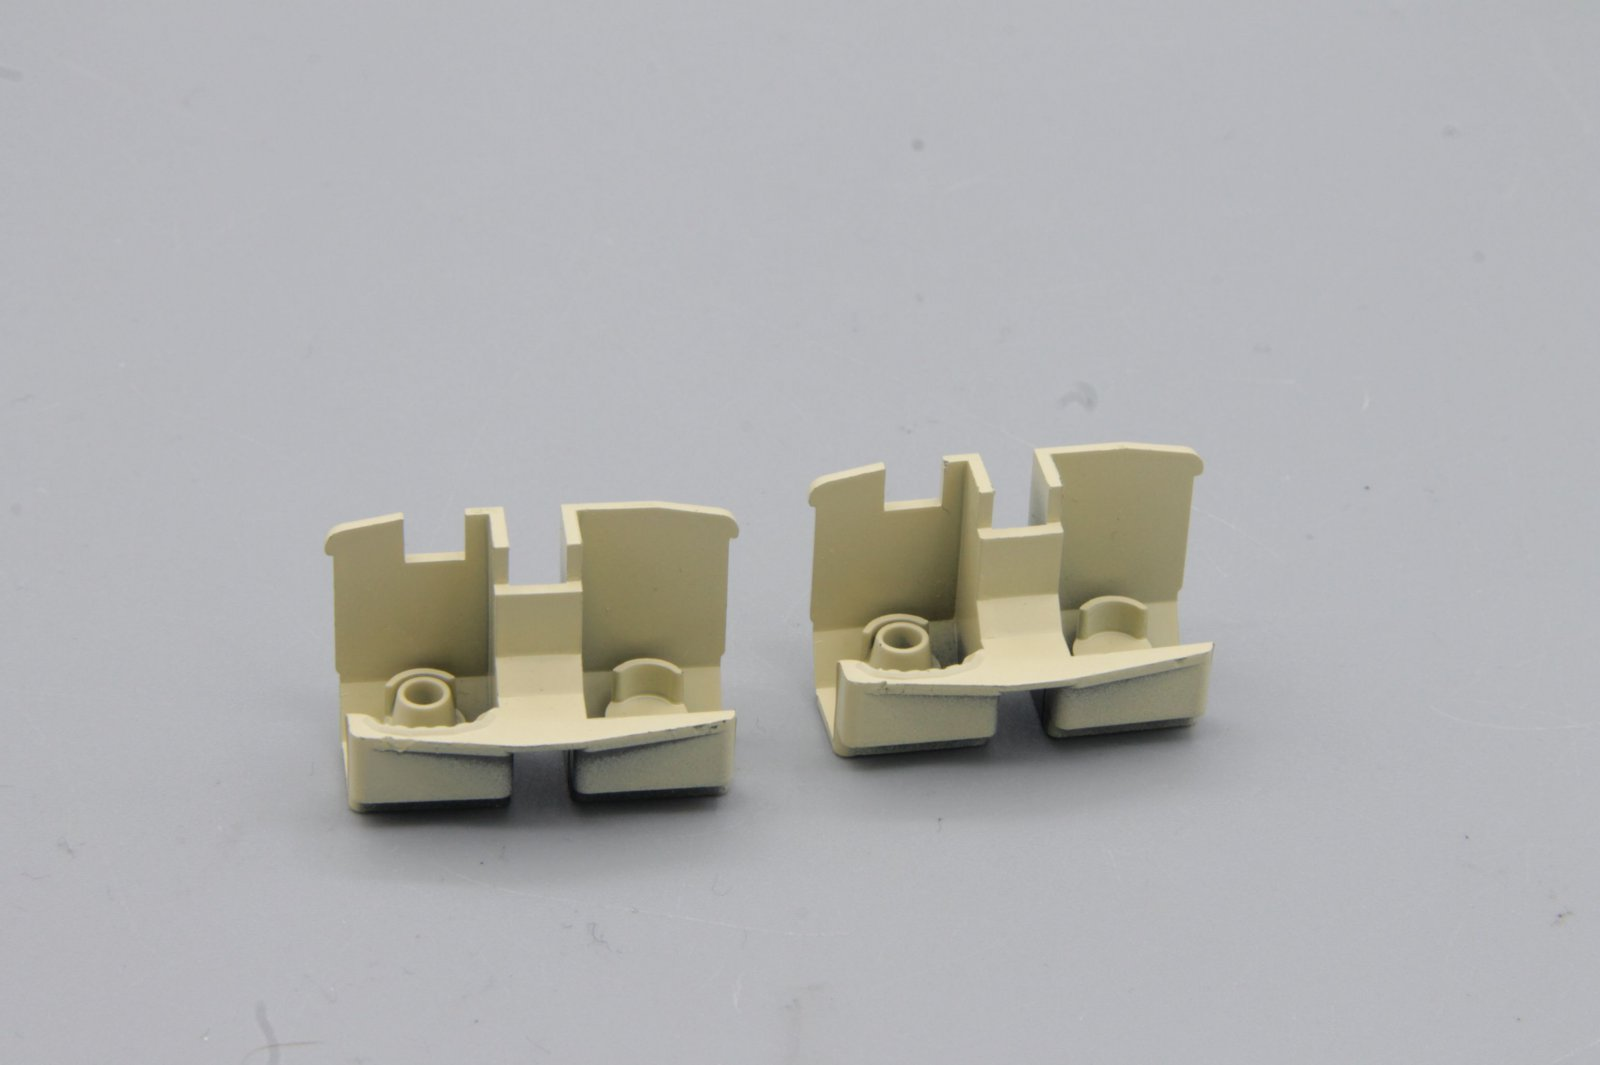 Ersatzteil Roco 140 Führerstandseinrichtung - 2 Stück beige f. steckb. Lokführer